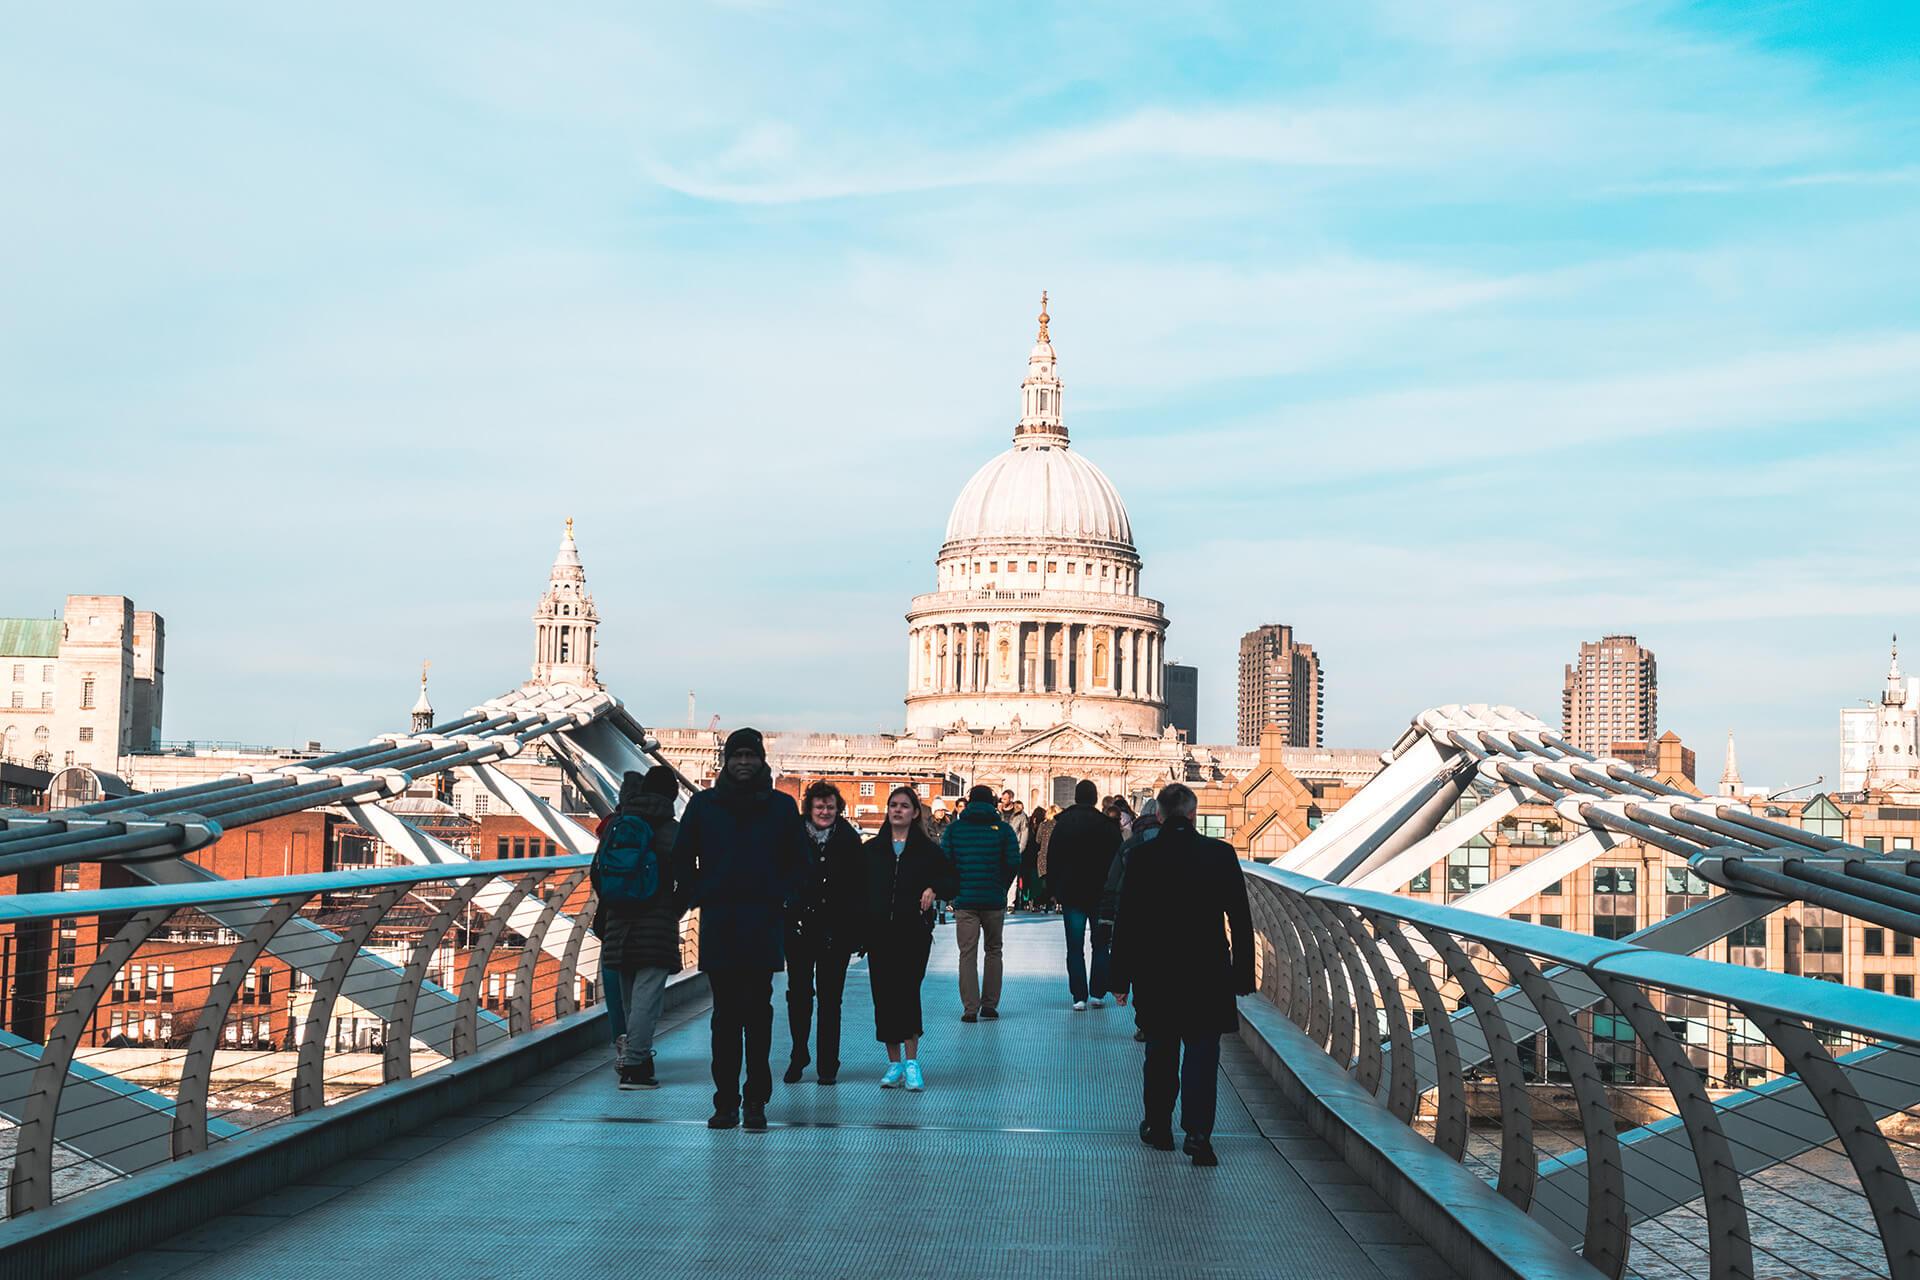 Wat te doen in Londen als het regent: 12 leuke tips